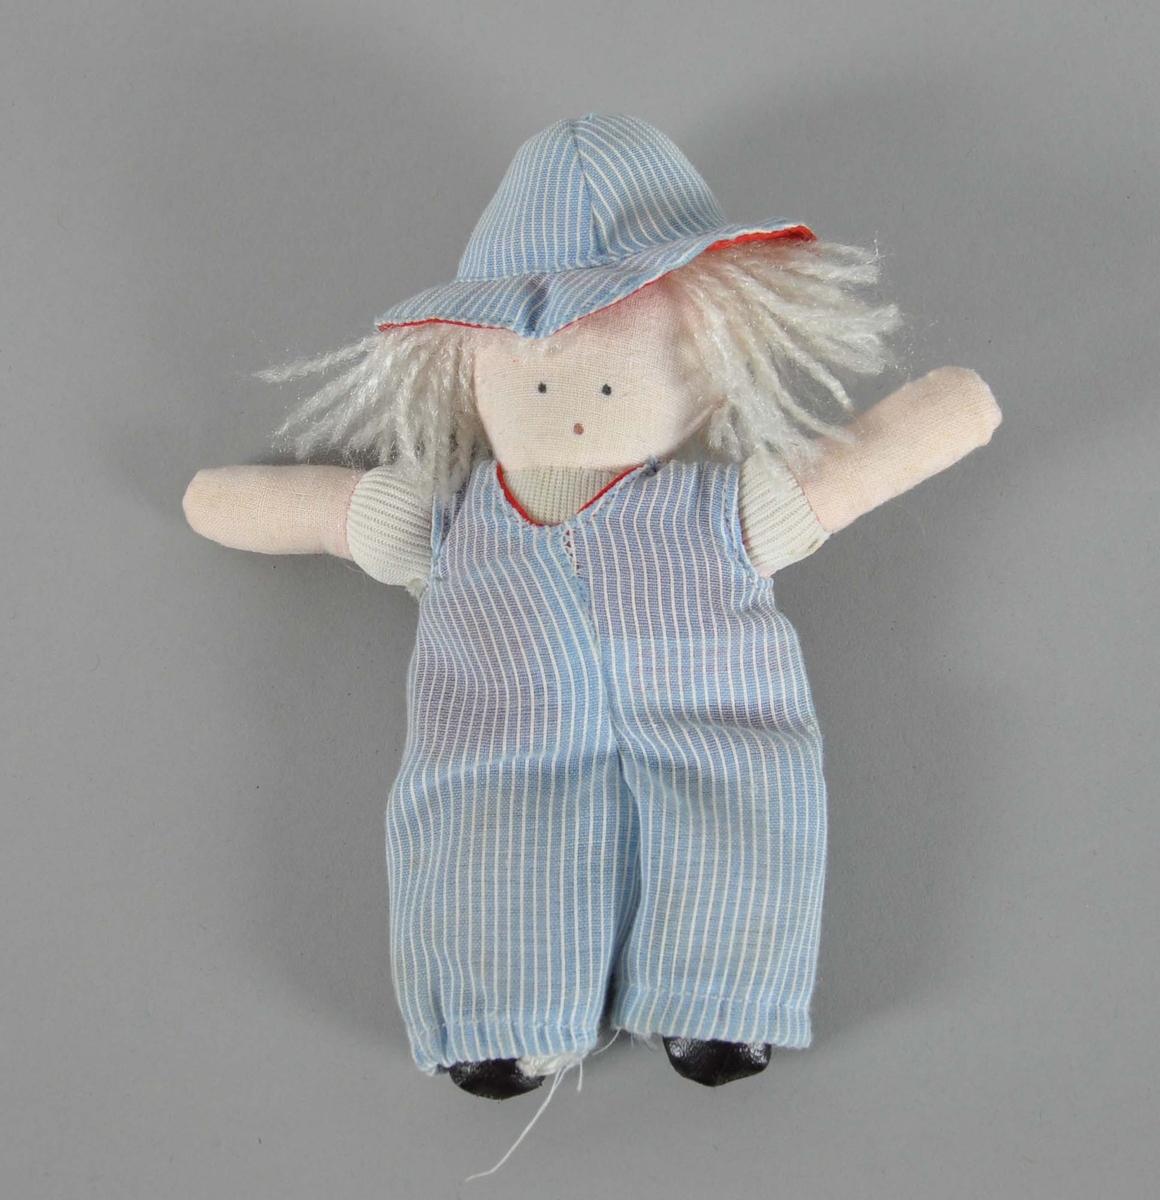 Hjemmelaget dukke. Dukken er hvit og har hvitt langt hår. Hatt og overall er blå med hvite striper.